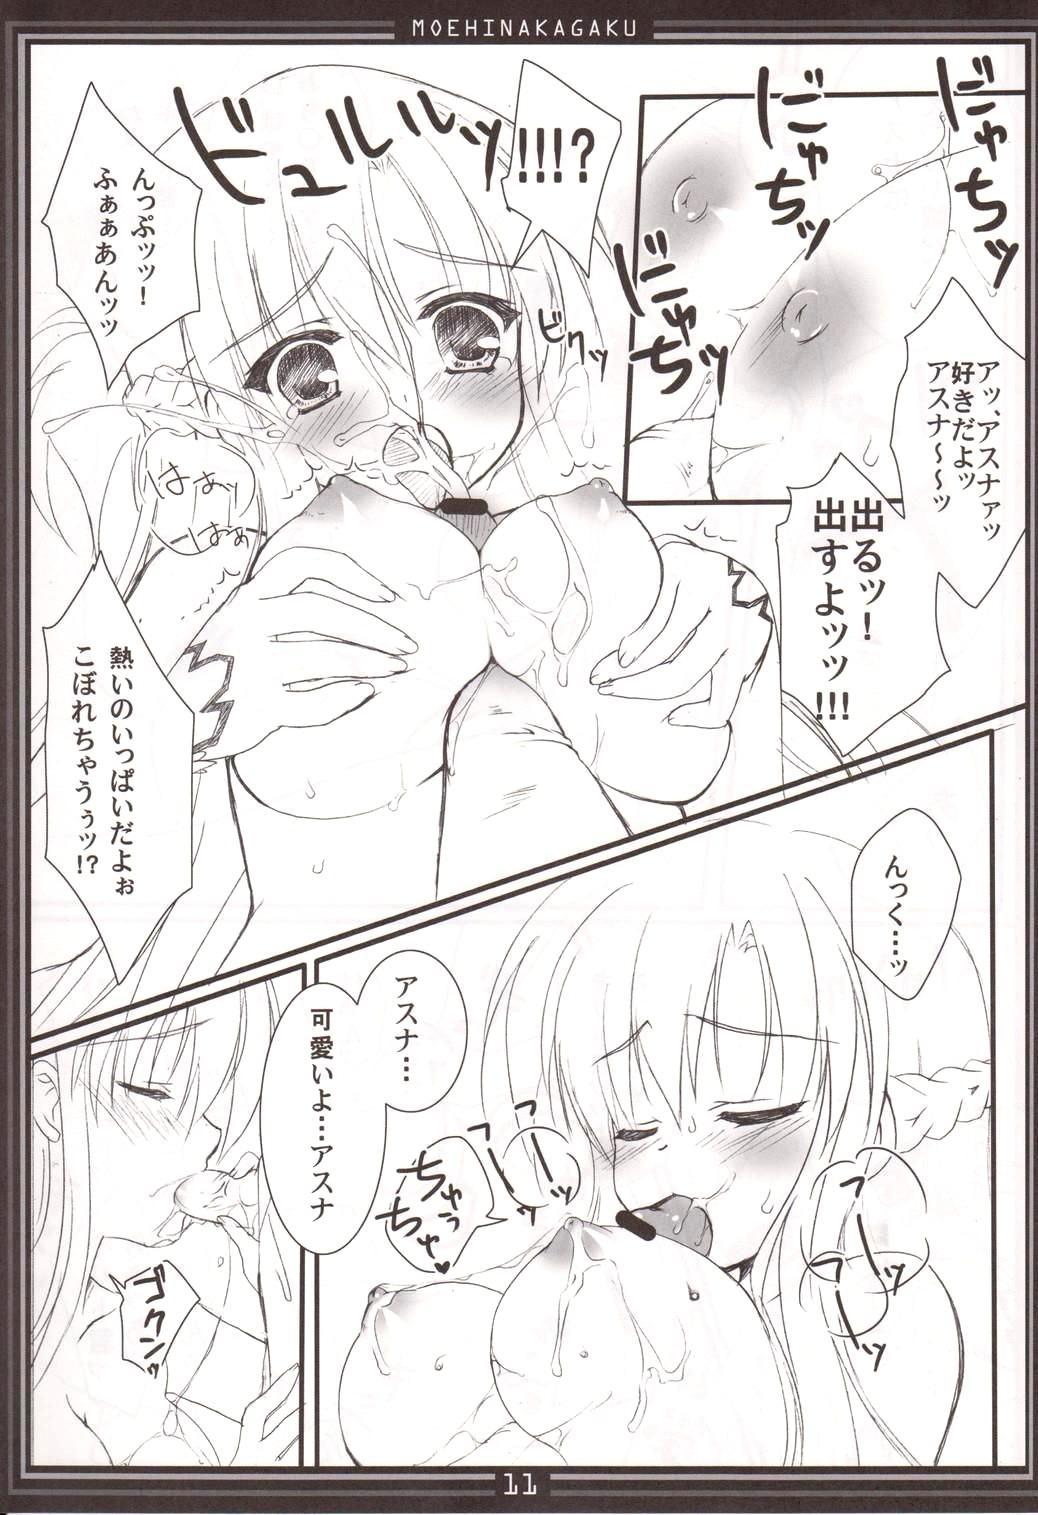 Moehina Jiyuu Vol. 02 9